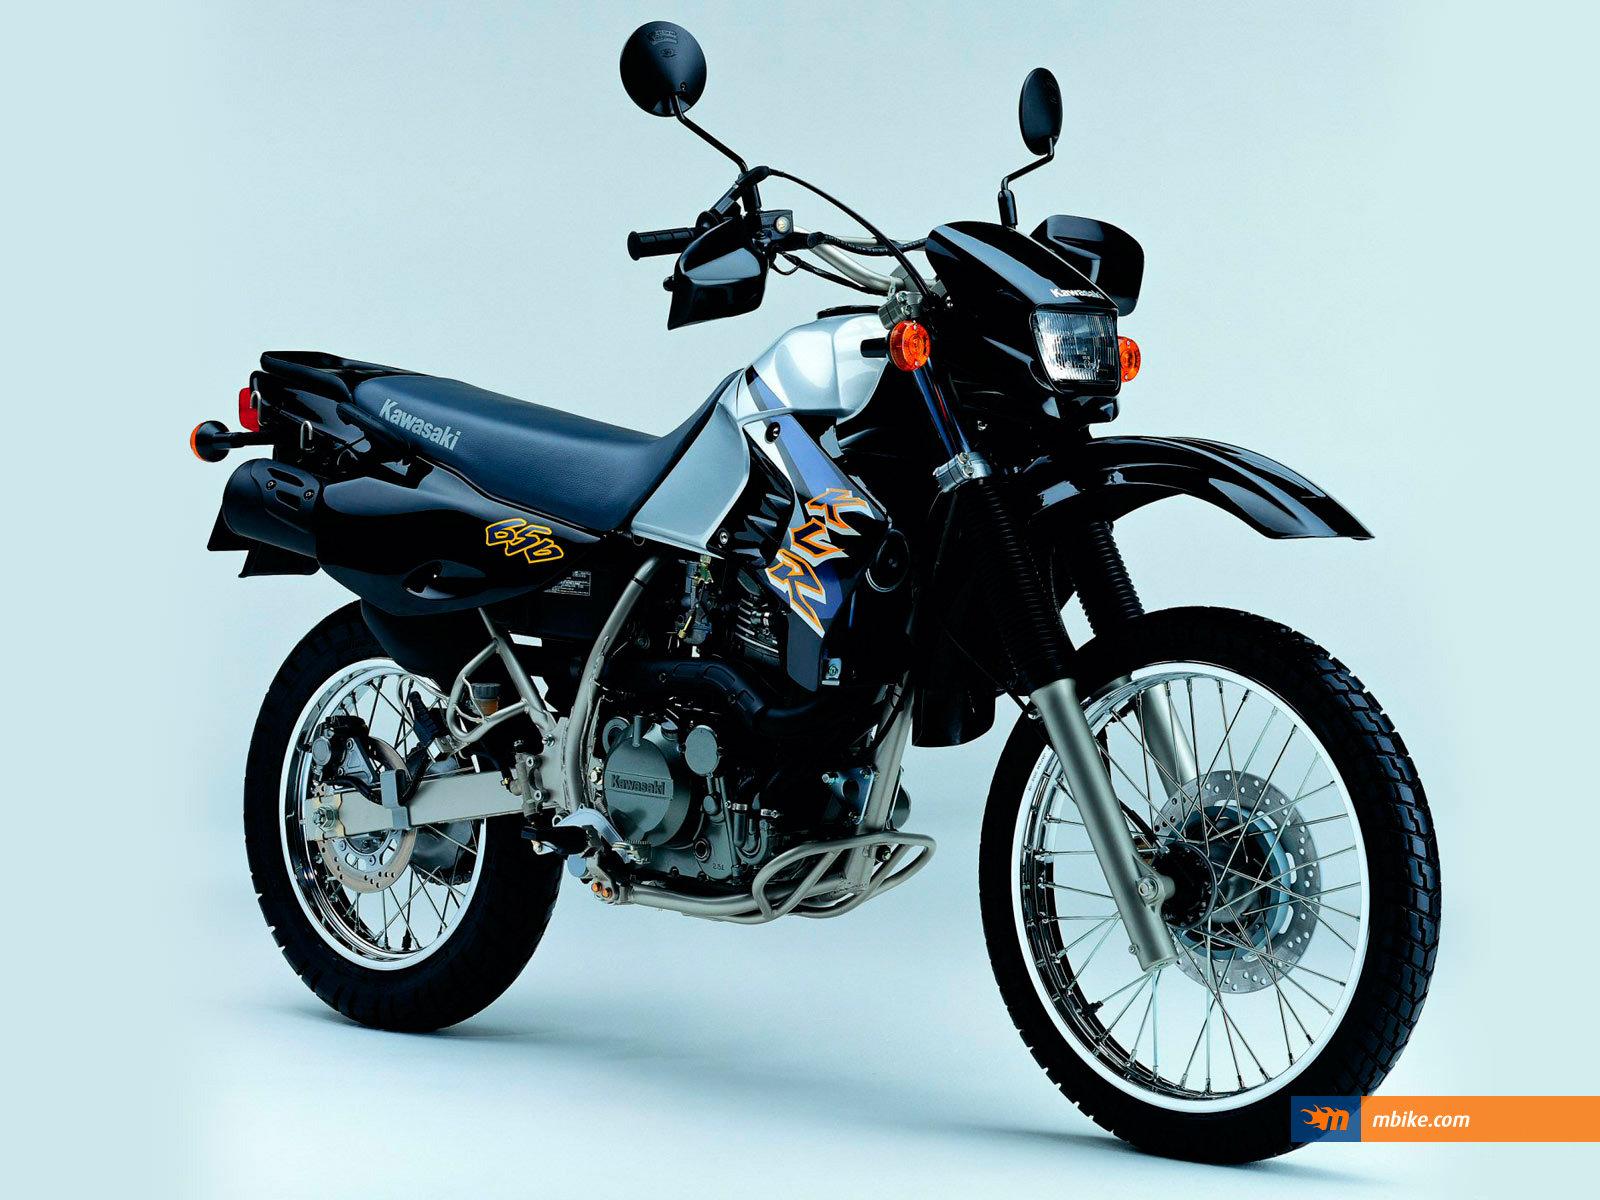 2004 Kawasaki KLR 650 Wallpaper   Mbikecom 1600x1200